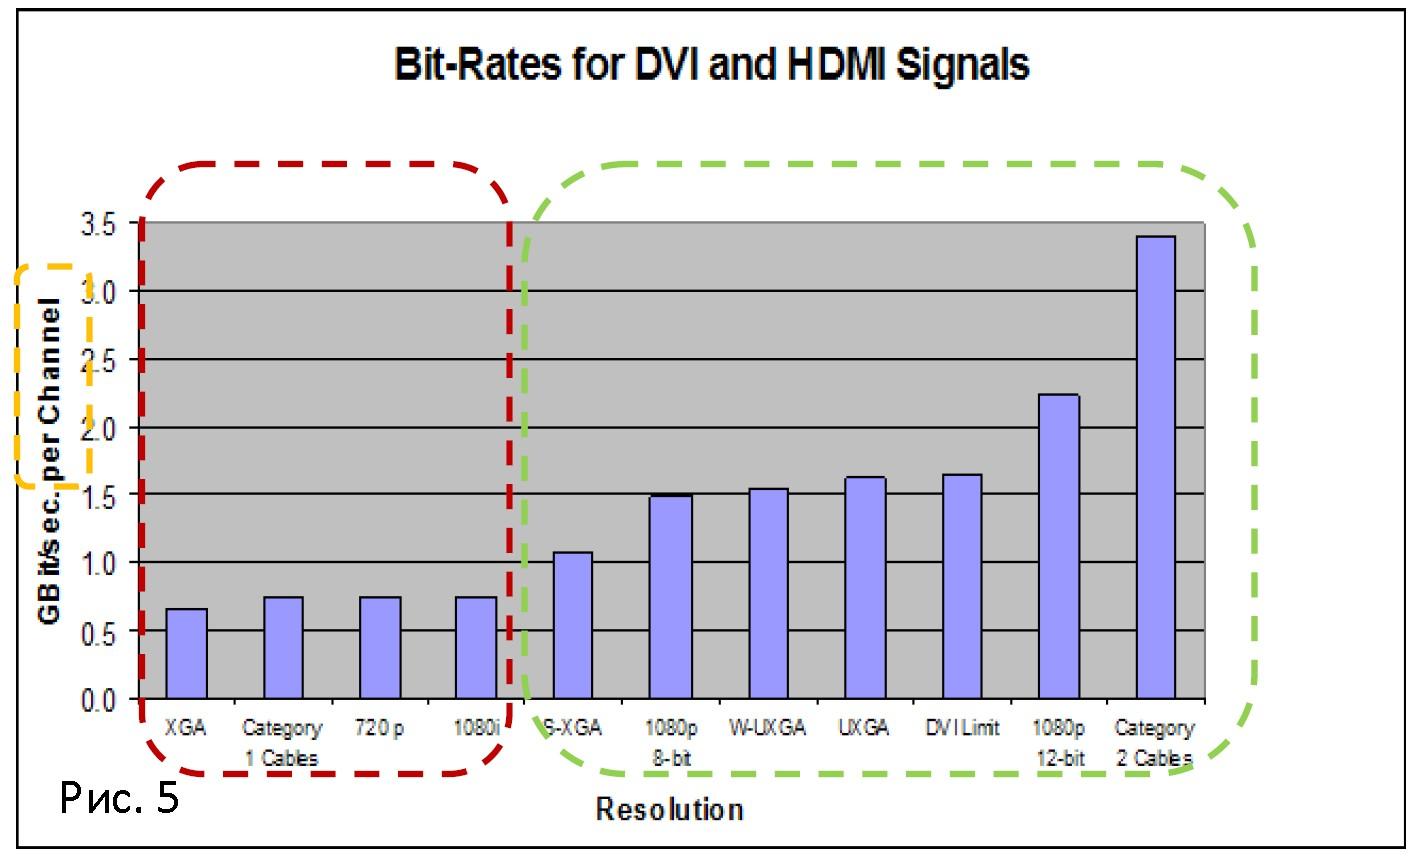 Semua tentang kabel hdmi apa yang anda perlukan peranti versi jadual 2 menunjukkan analisis komparatif keupayaan fizikal maksimum format dan kabel hdmi 13 dan hdmi 14 diserlahkan dalam garis putus putus biru ccuart Choice Image